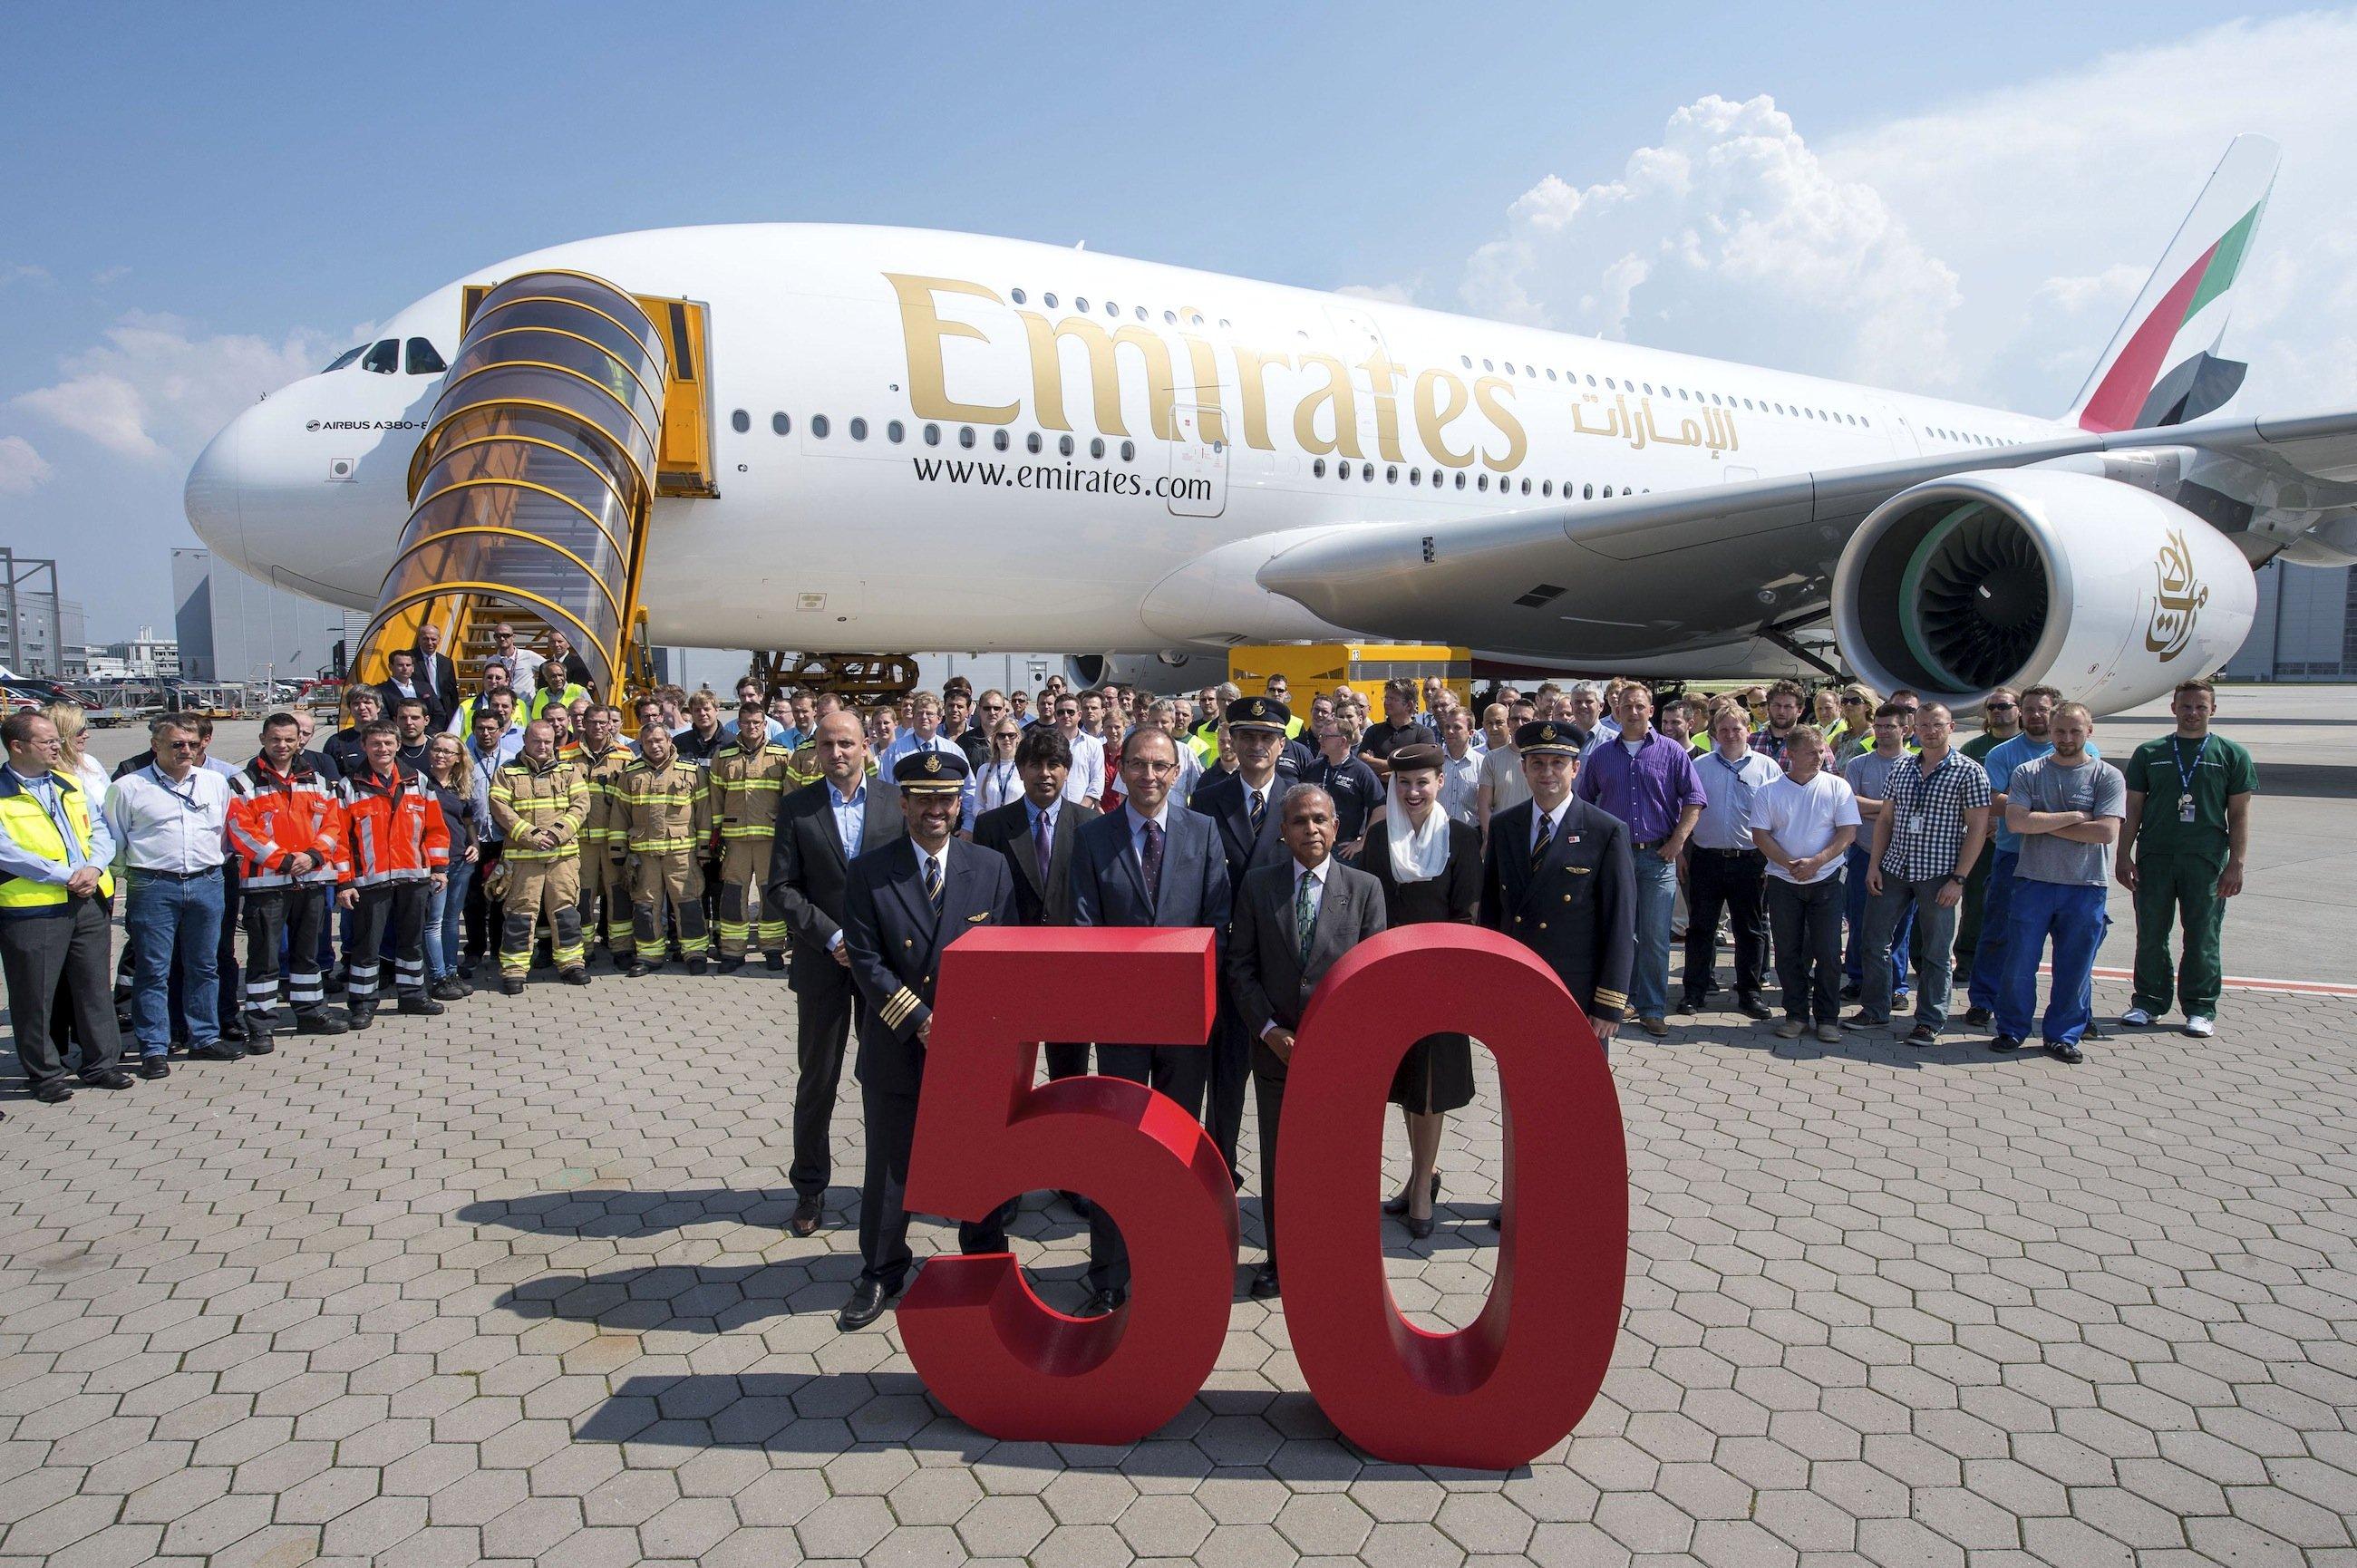 Im Juli 2014 hat Emirates in Hamburg den 50. Airbus A380 übernommen. 140 Exemplare hat die arabische Fluggesellschaft bestellt. Der größte A380-Kunde drängt Airbus, das Großraumflugzeug mit sparsameren Triebwerken auszurüsten. Offenbar mit Erfolg.